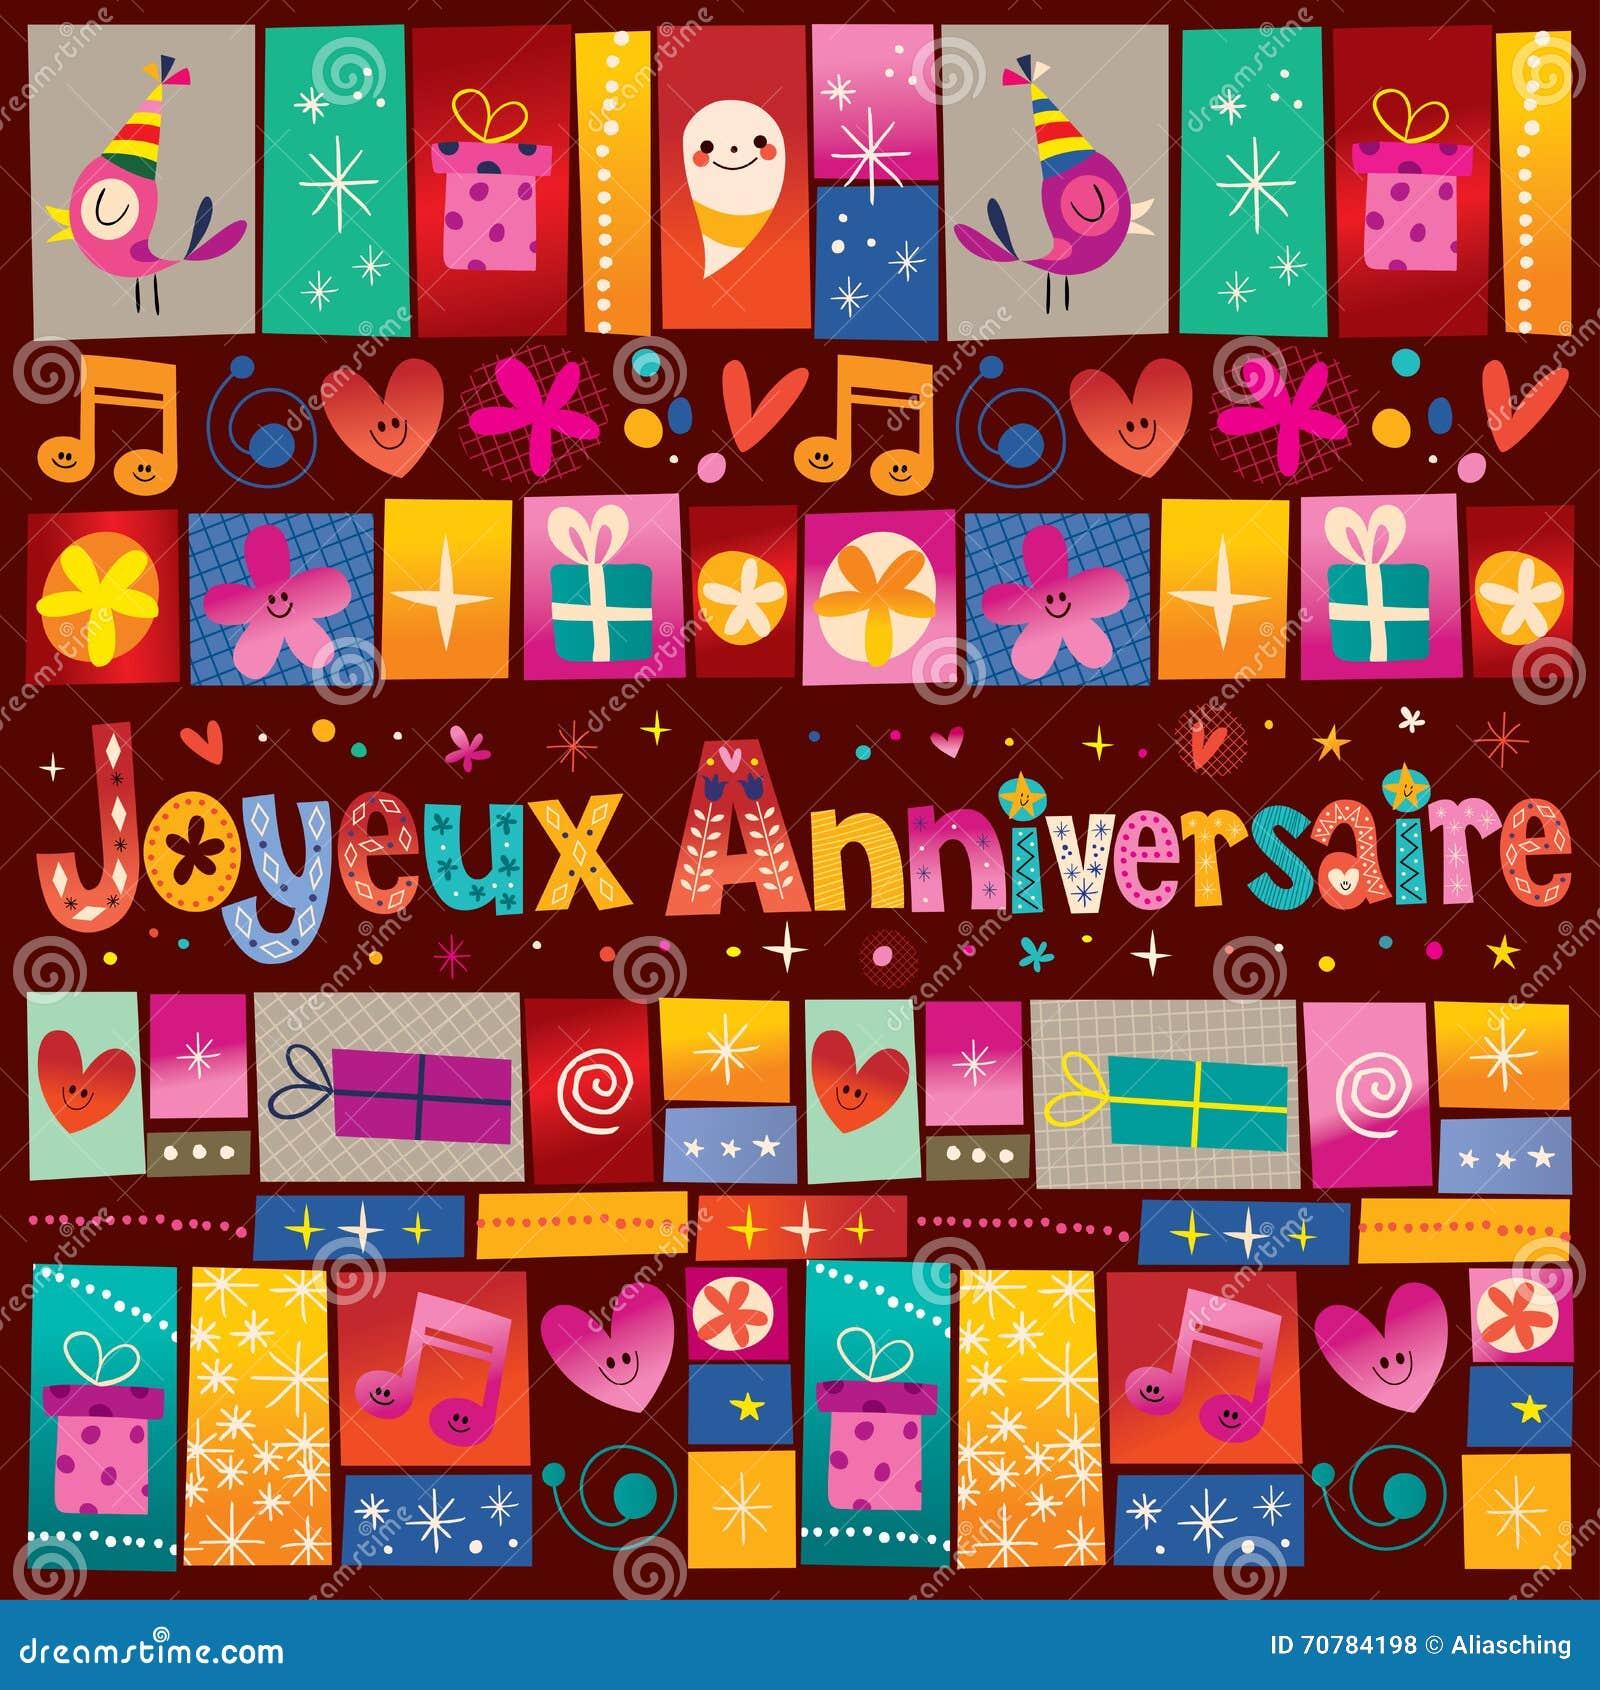 Buon Compleanno Di Joyeux Anniversaire Nell'iscrizione Decorativa